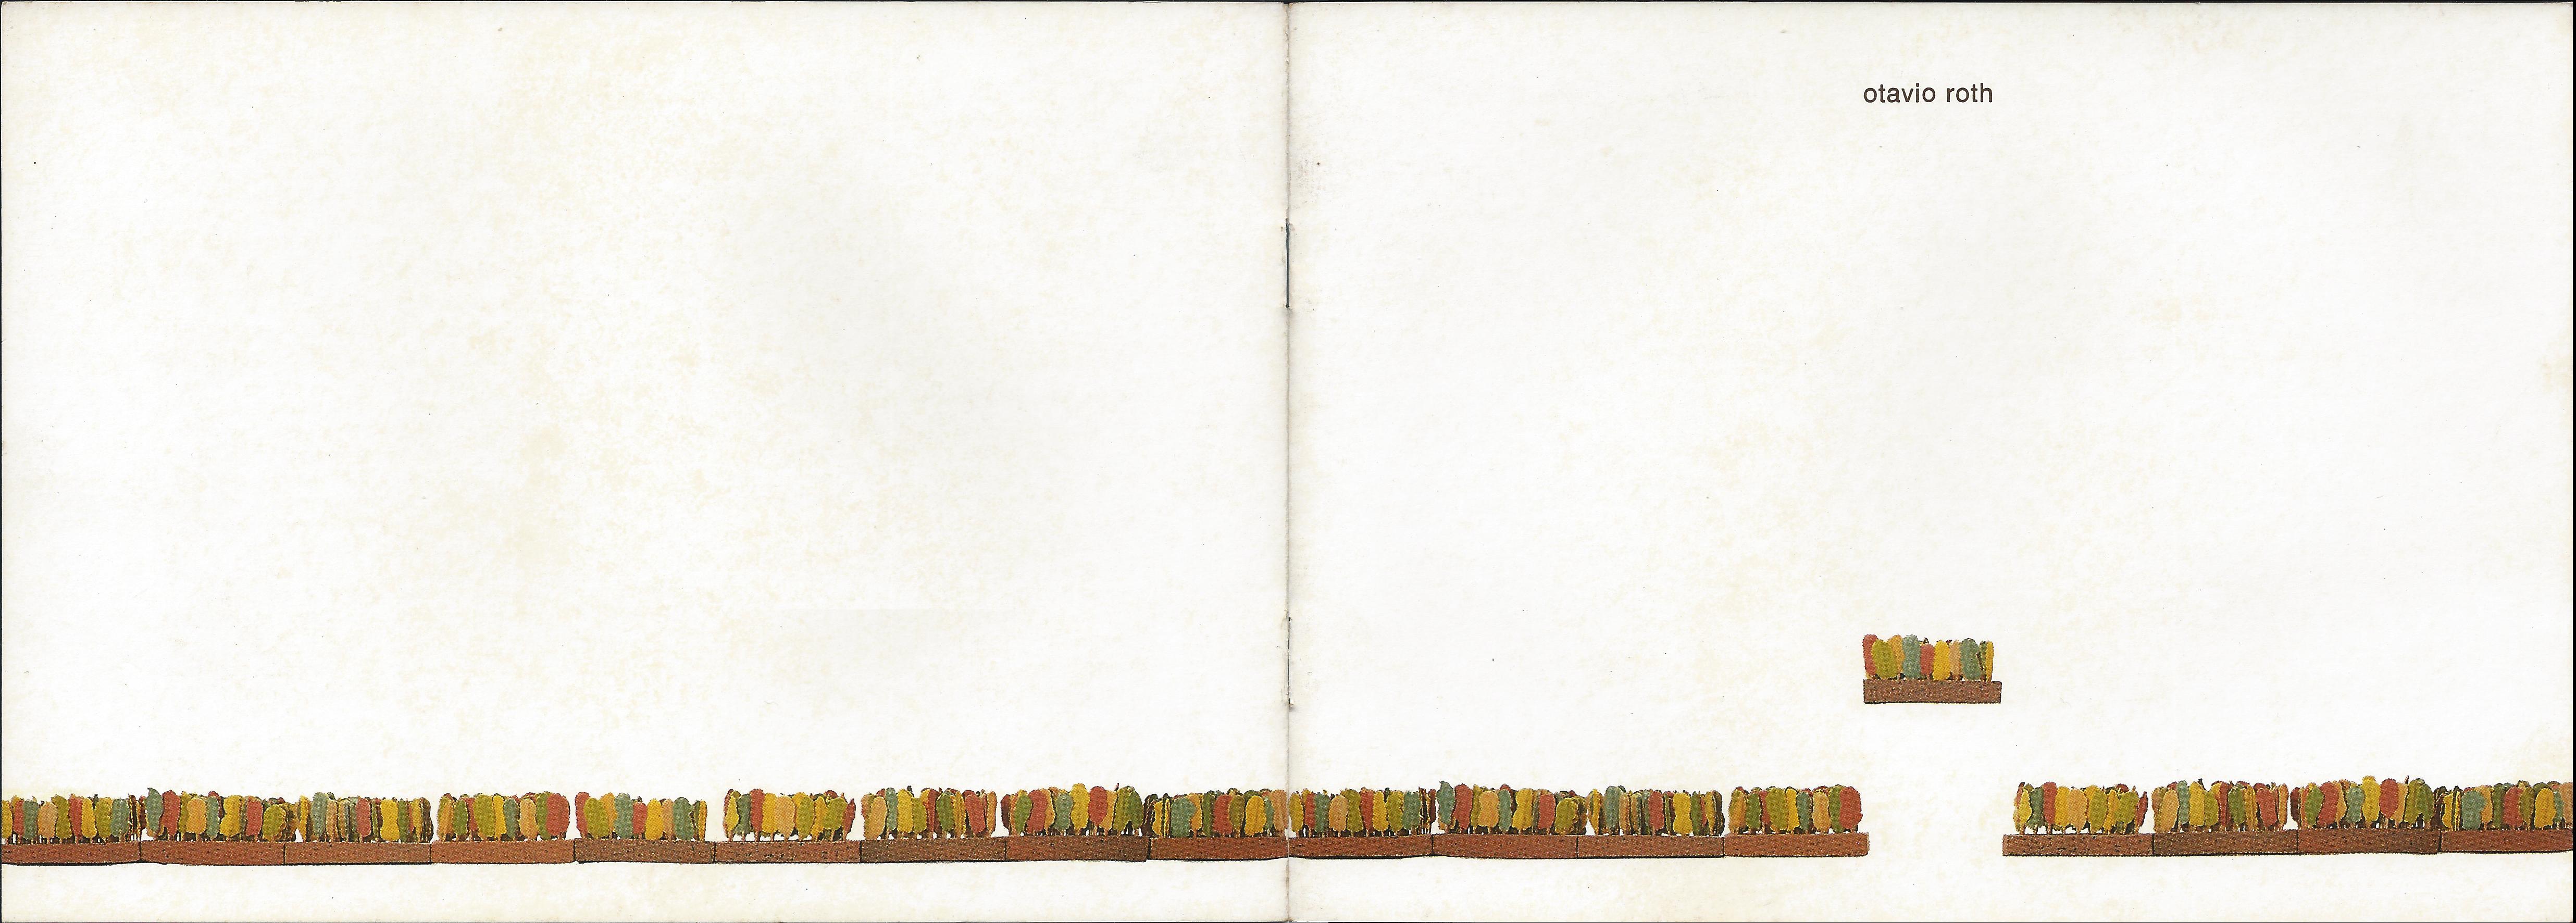 Germinando - FILSAN 1989 capa e contra-capa